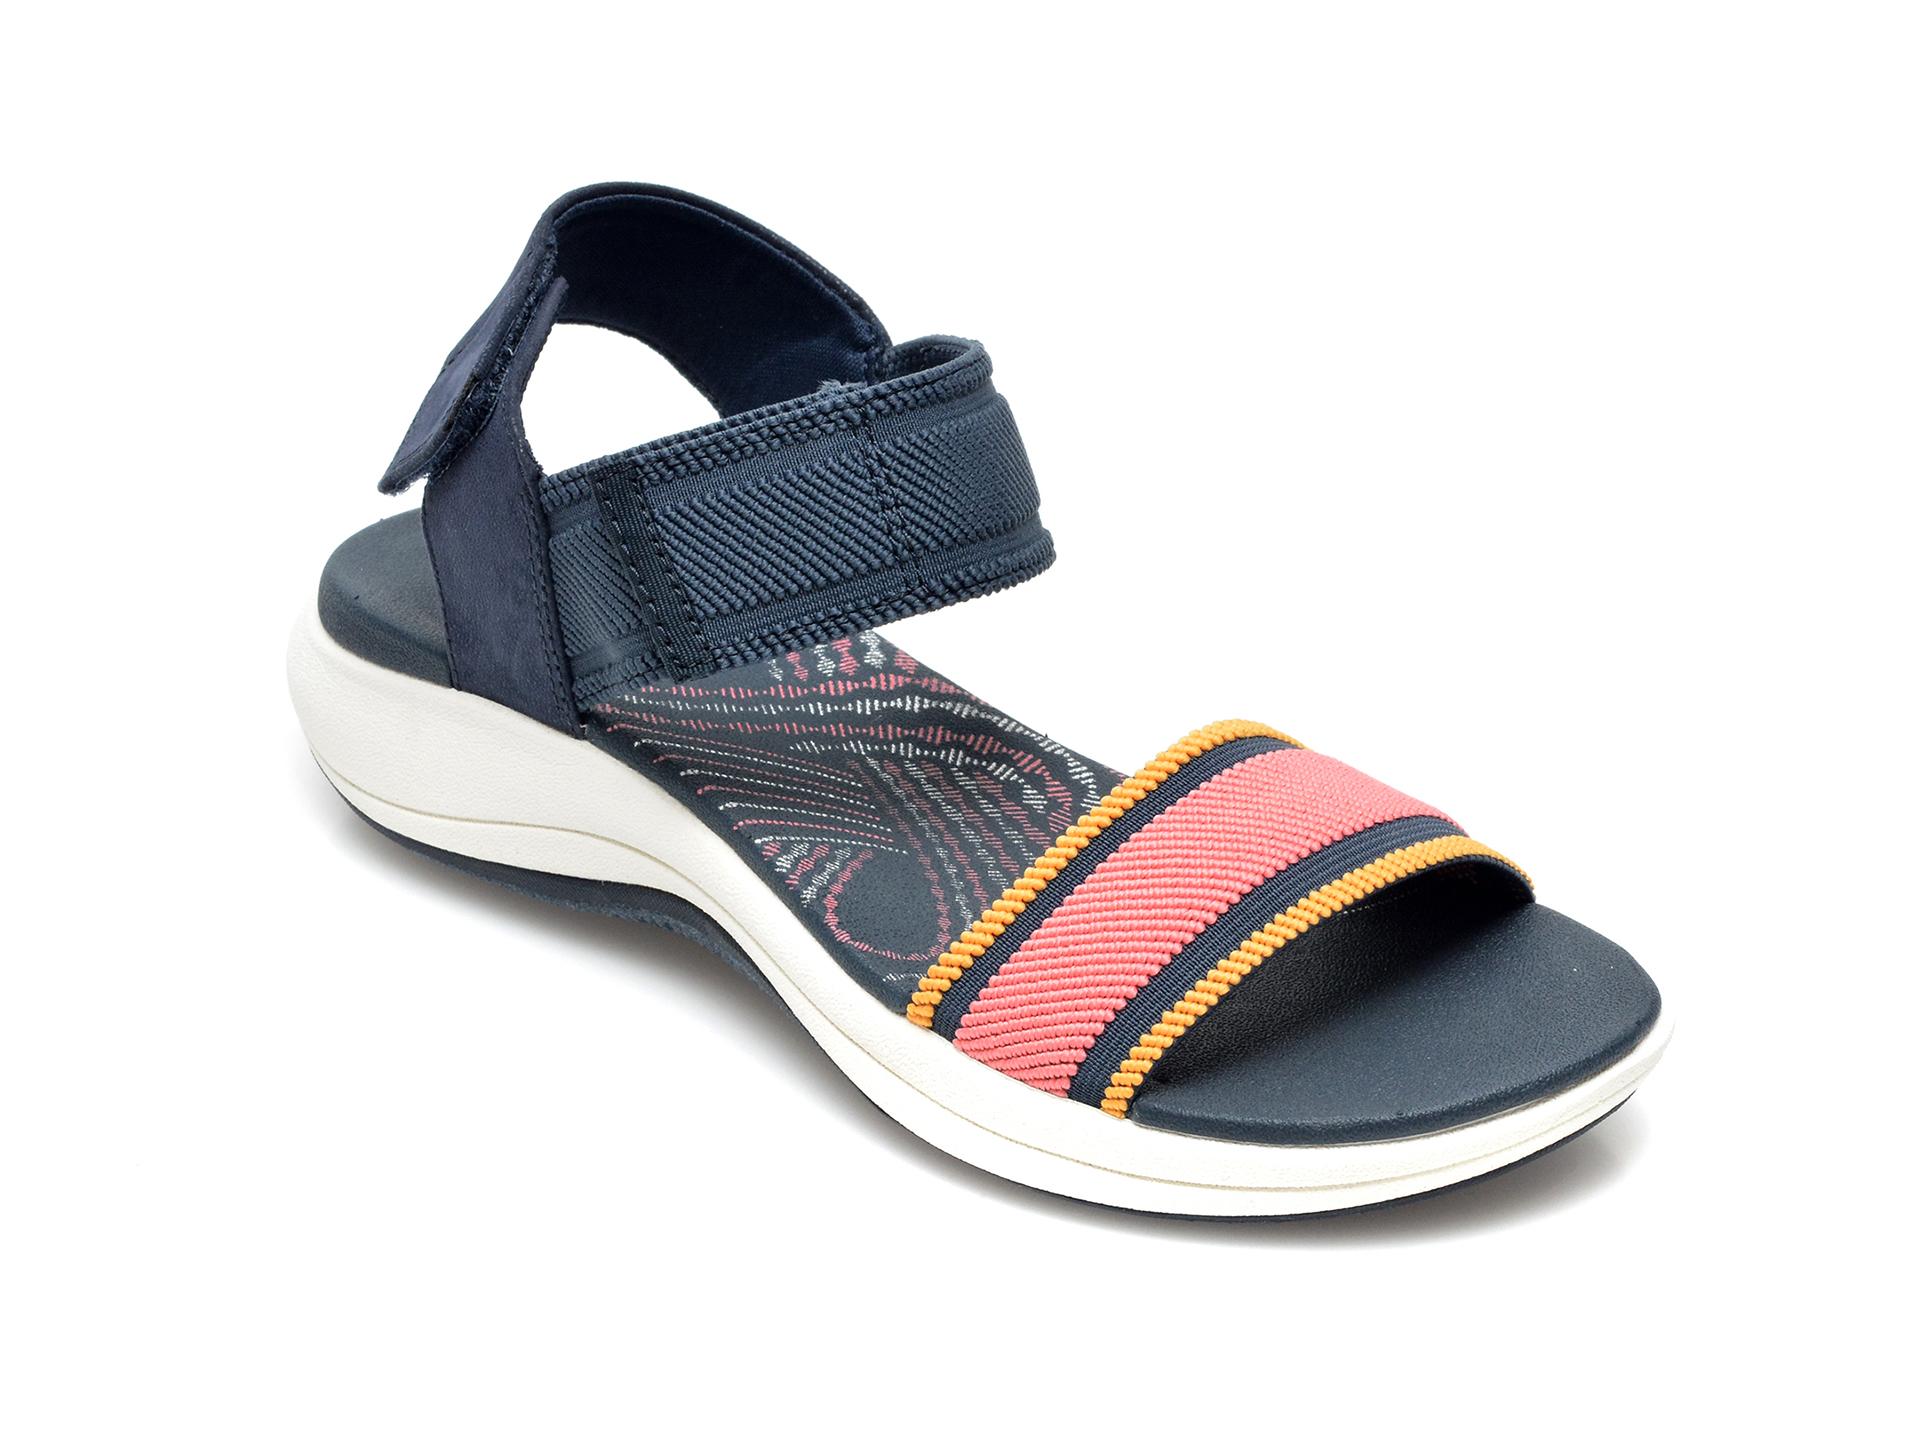 Sandale CLARKS bleumarin, Mira Sea, din material textil imagine otter.ro 2021